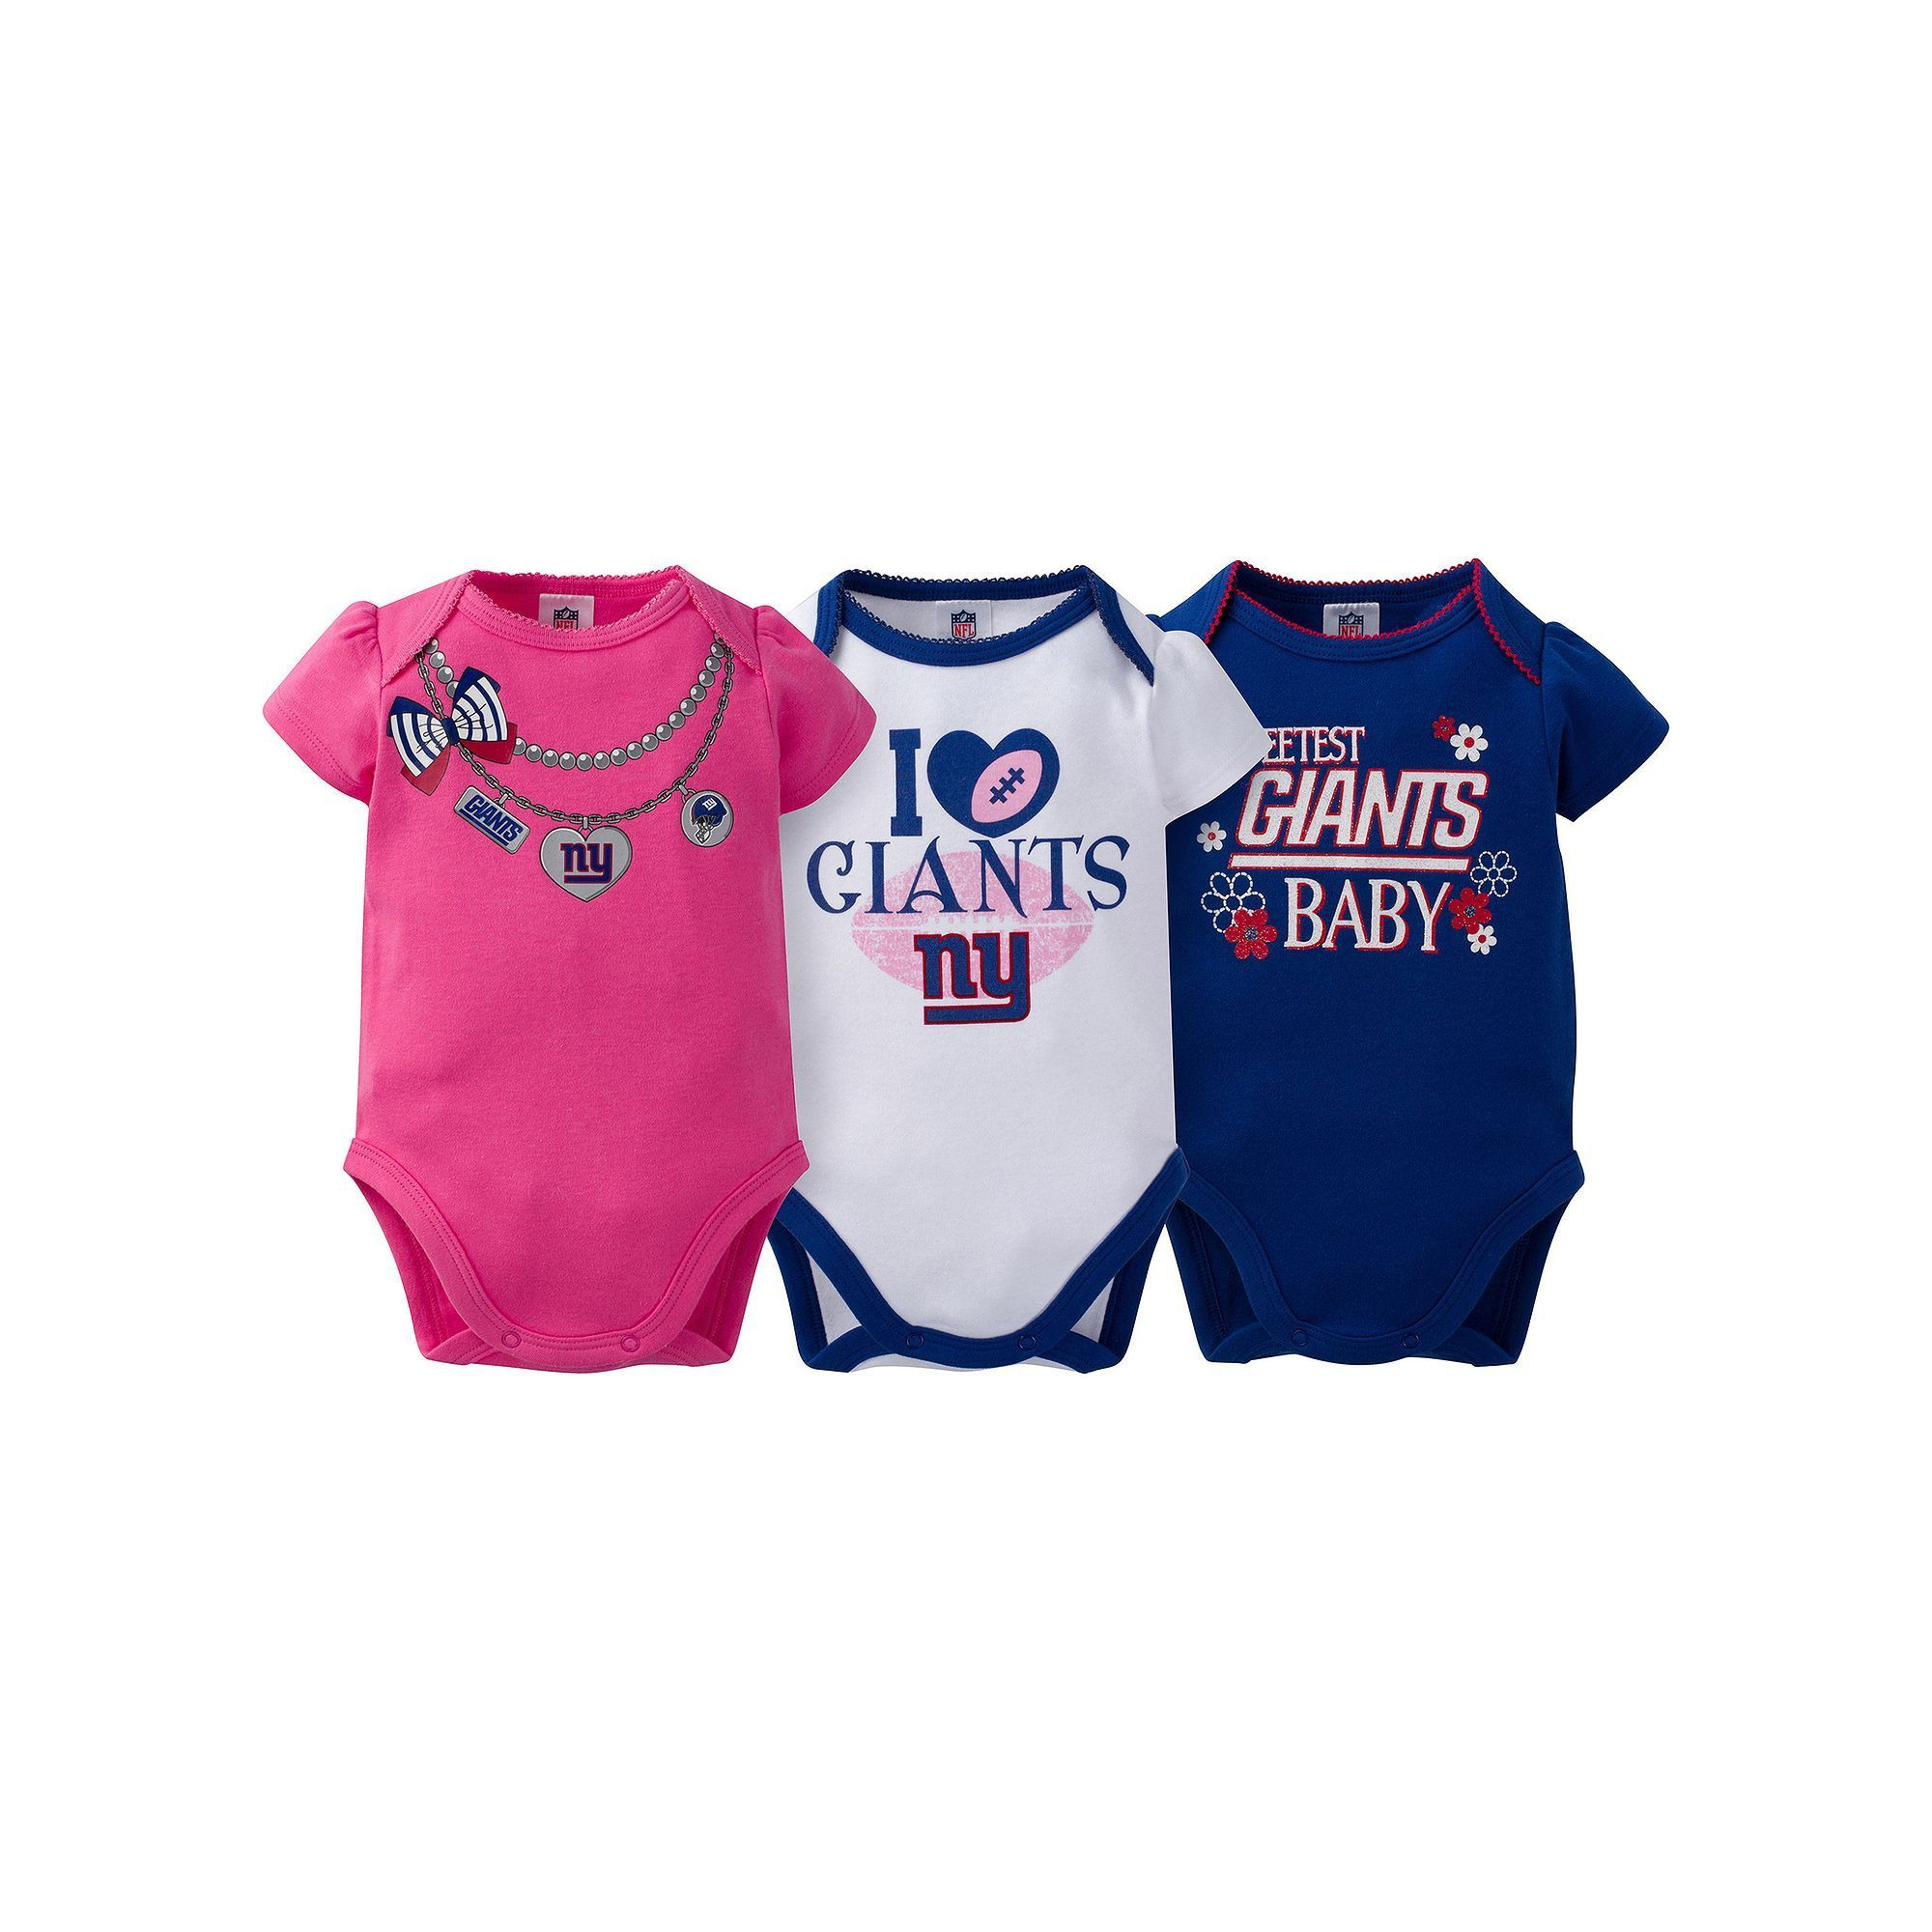 New England Patriots Cheerleader INFANT BABY NEWBORN Jersey Dress 18M 18 Months